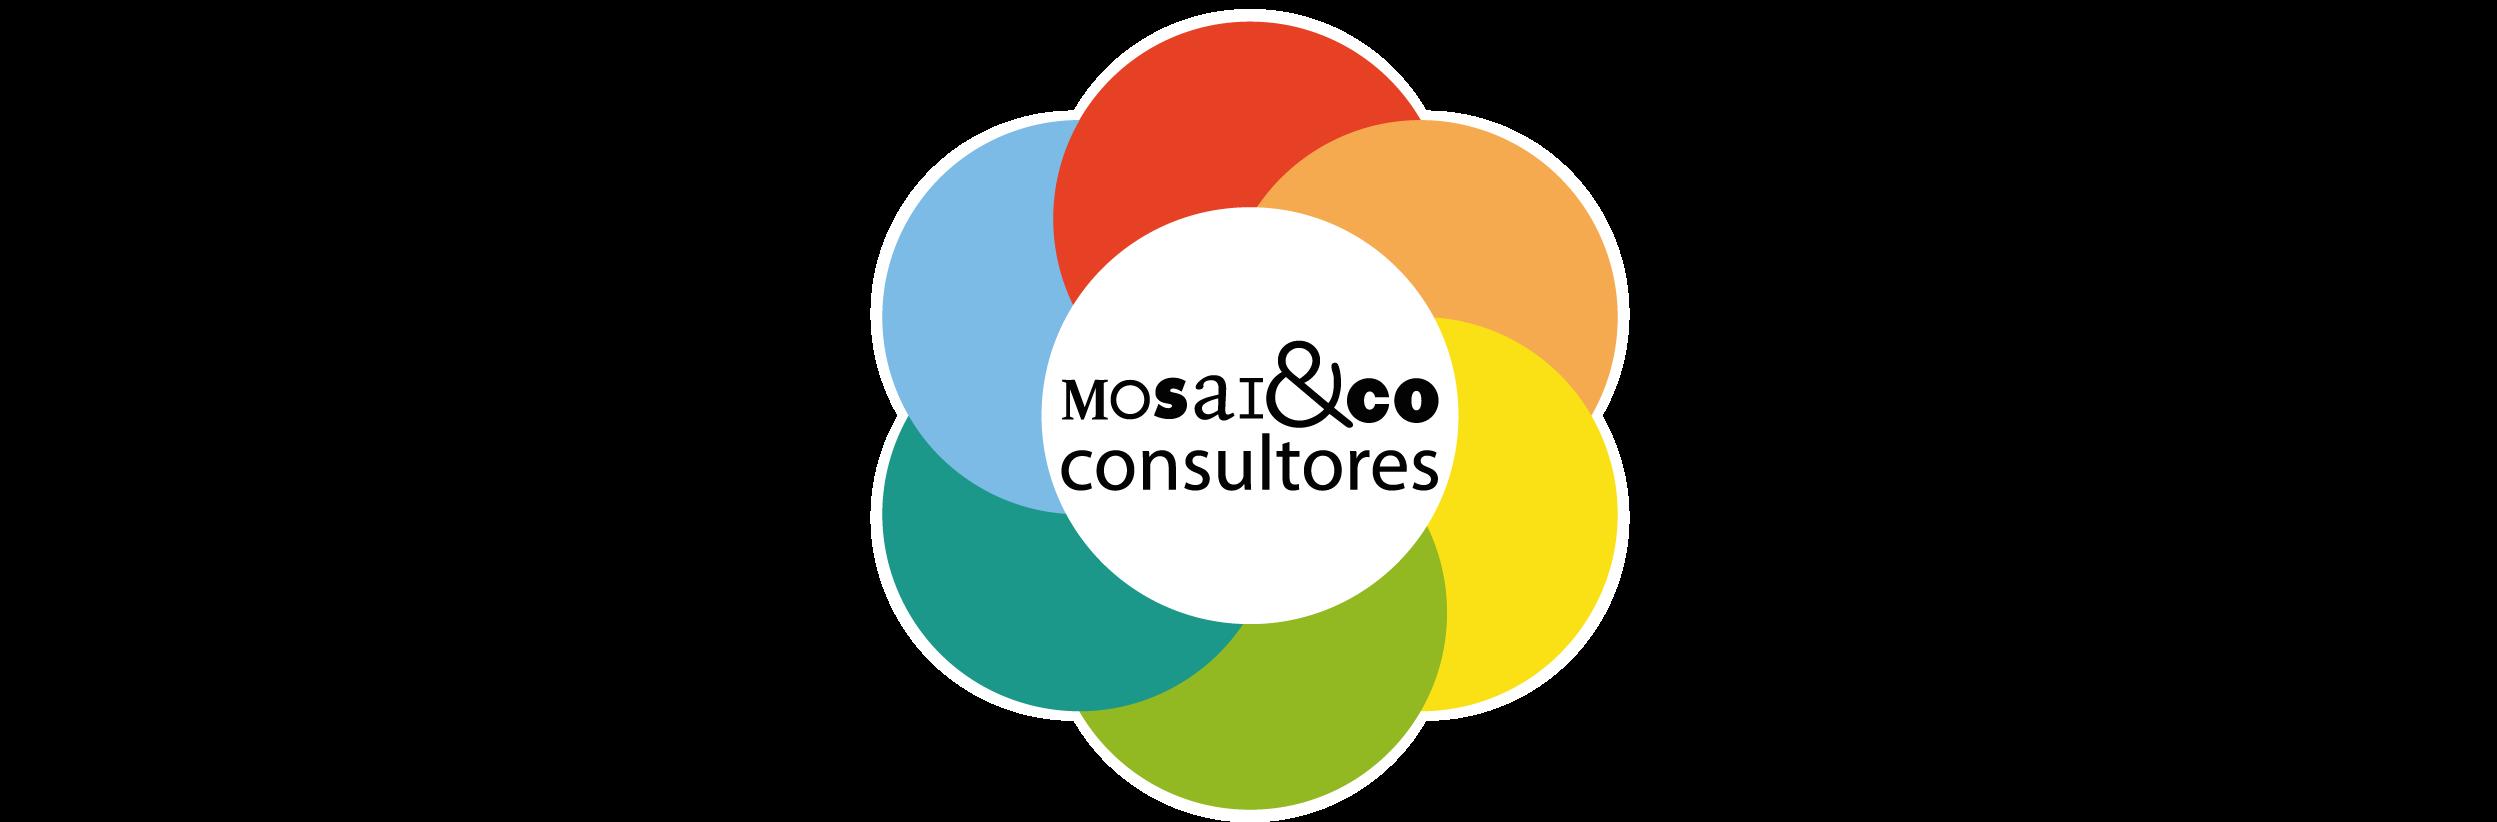 Mosai&CO